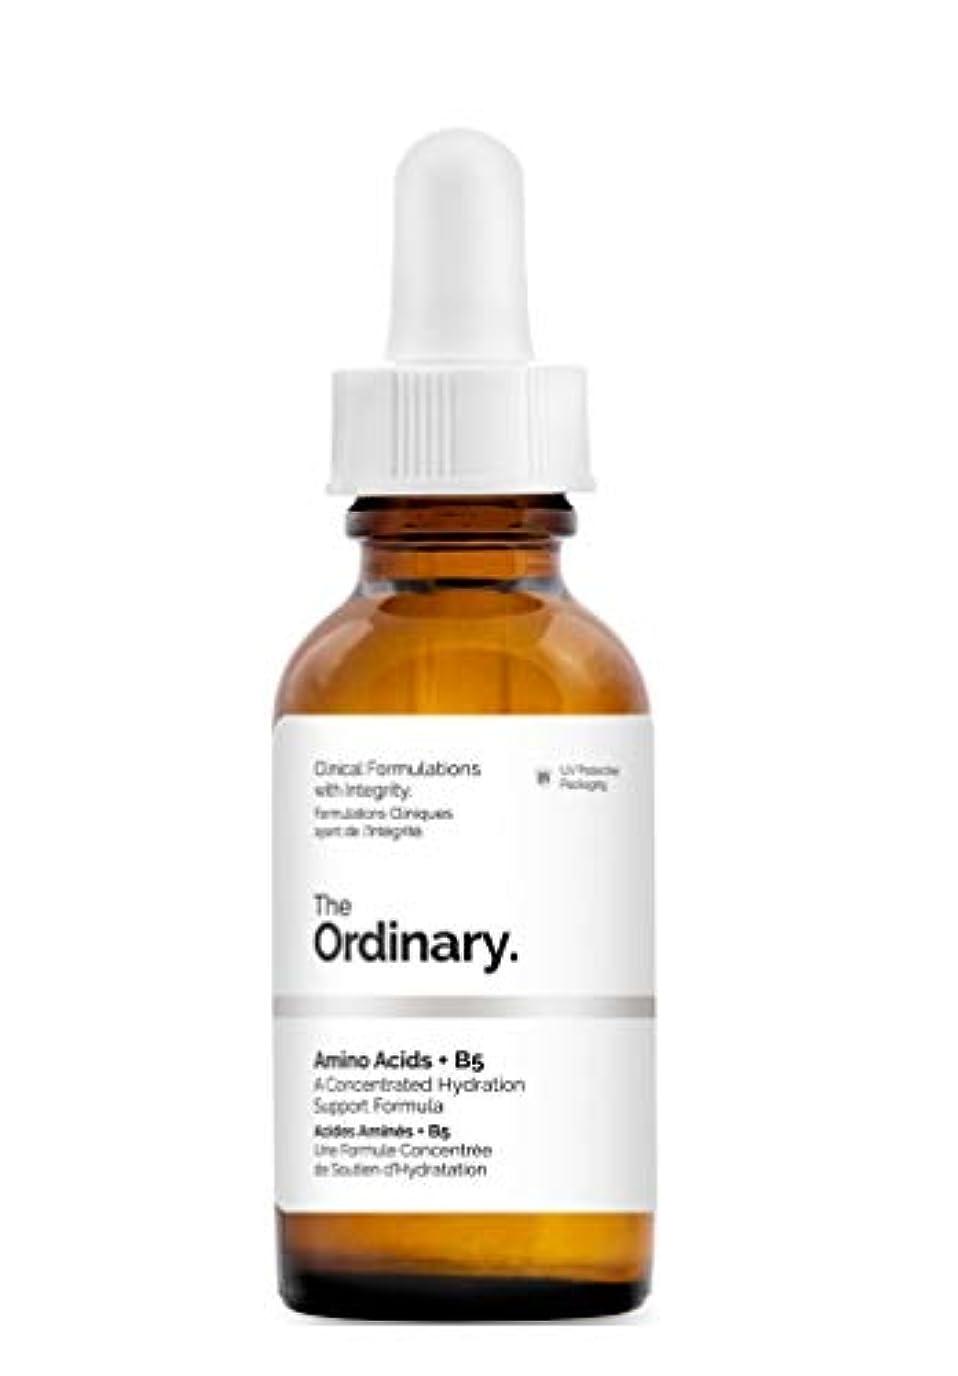 巨大な安いです小競り合いThe Ordinary☆ジ オーディナリーAmino Acids+B5(アミノ酸 + B5)30ml [並行輸入品]